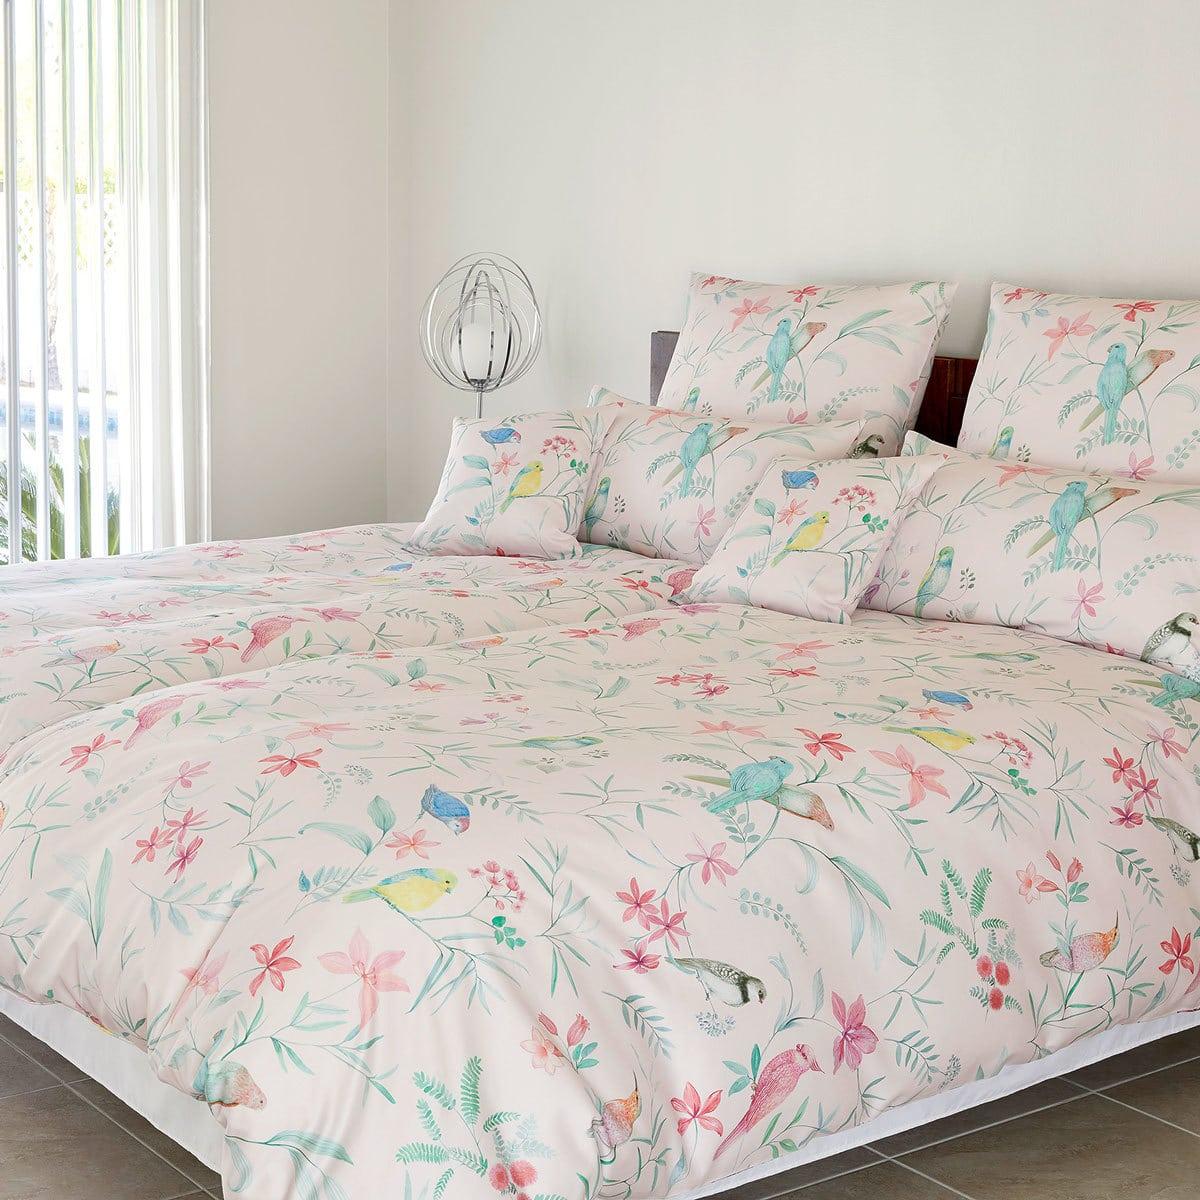 Rose Bettwäsche Garnituren Online Kaufen Möbel Suchmaschine